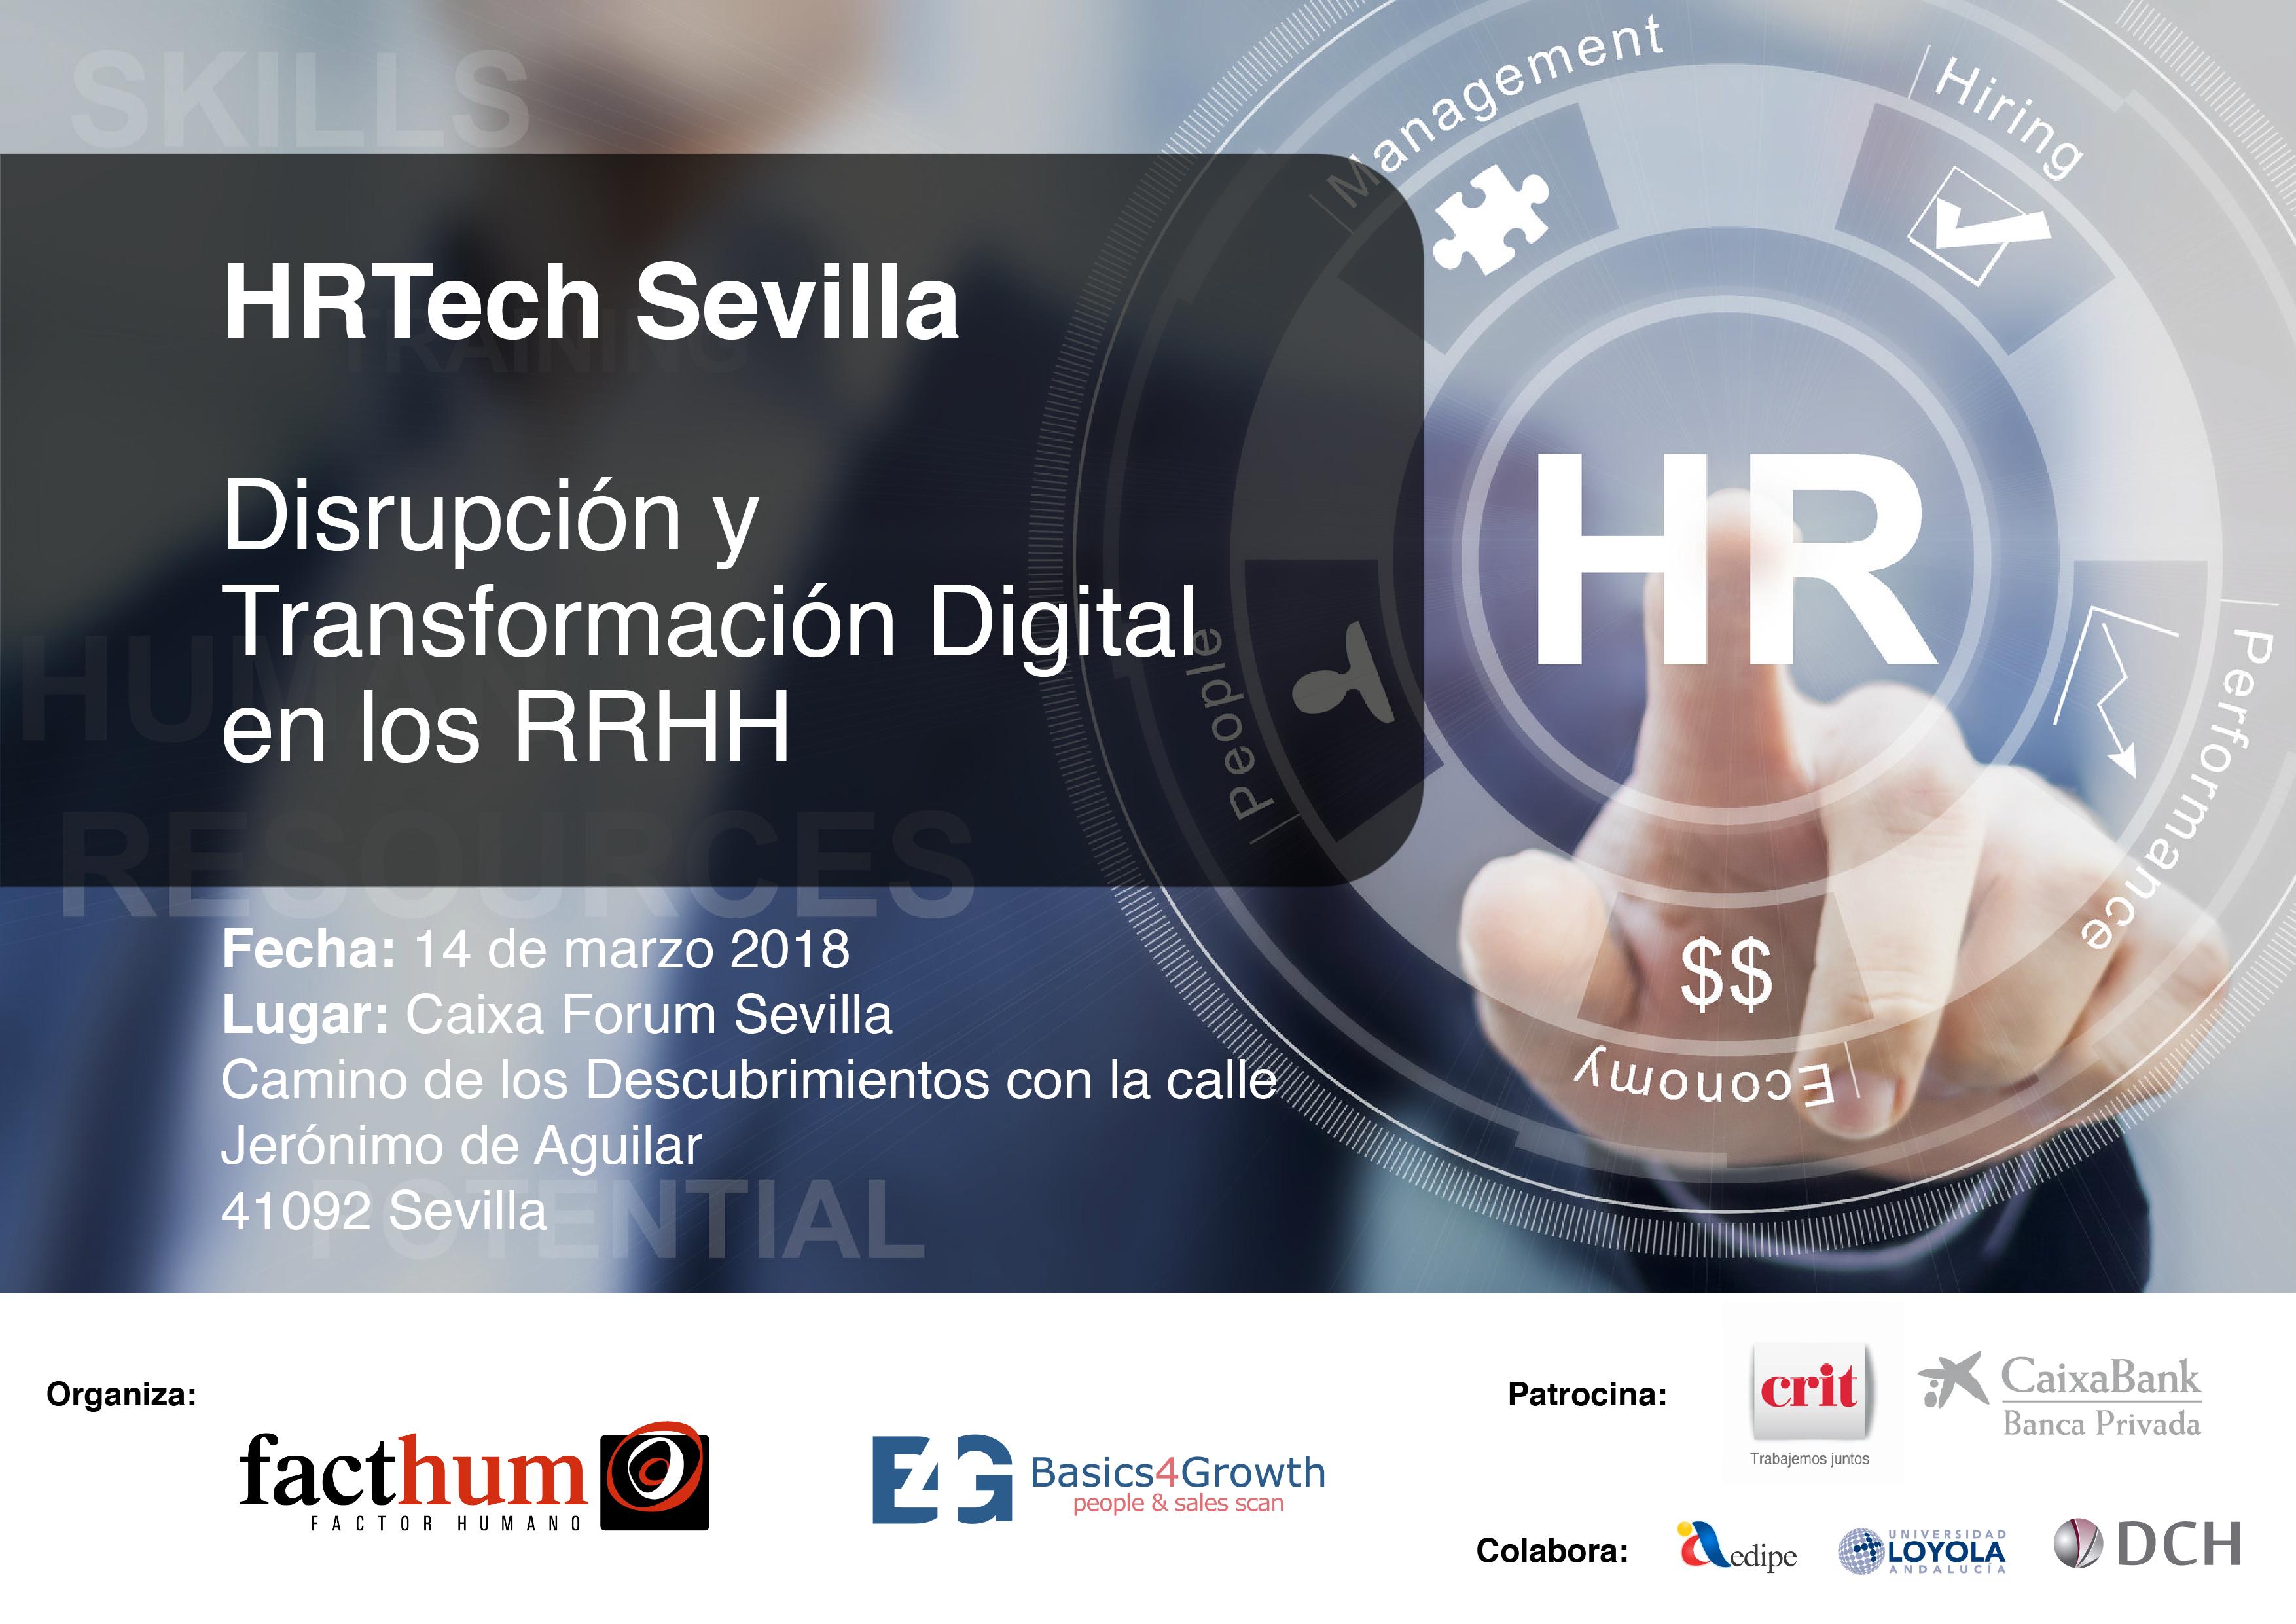 HRTech Sevilla: Disrupción y Transformación Digital en los RRHH